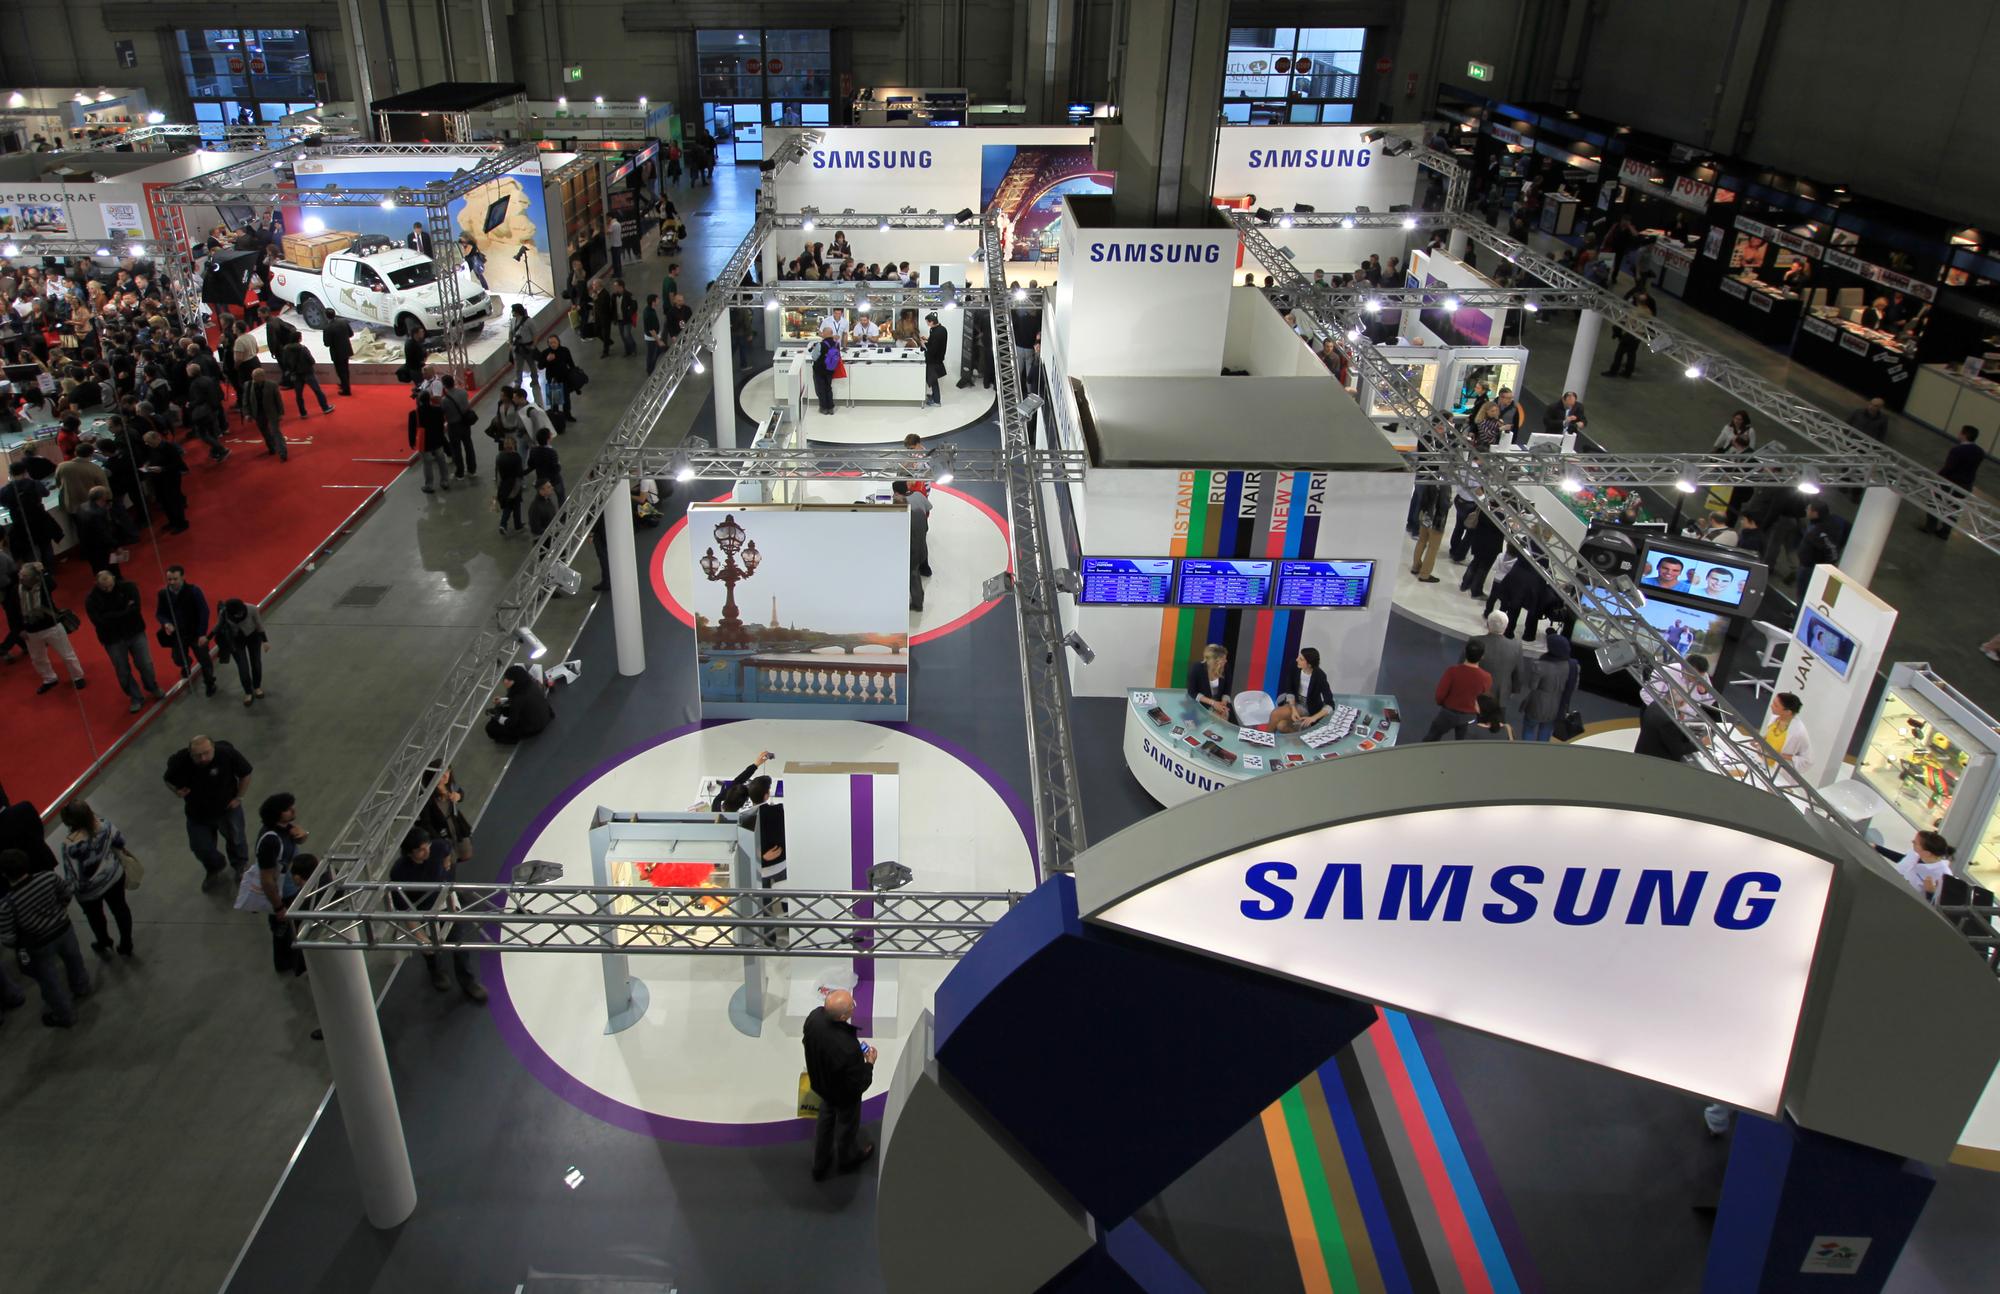 ביתן של סמסונג בתערוכה טכנולוגית. אילוסטרציה: depositphotos.com